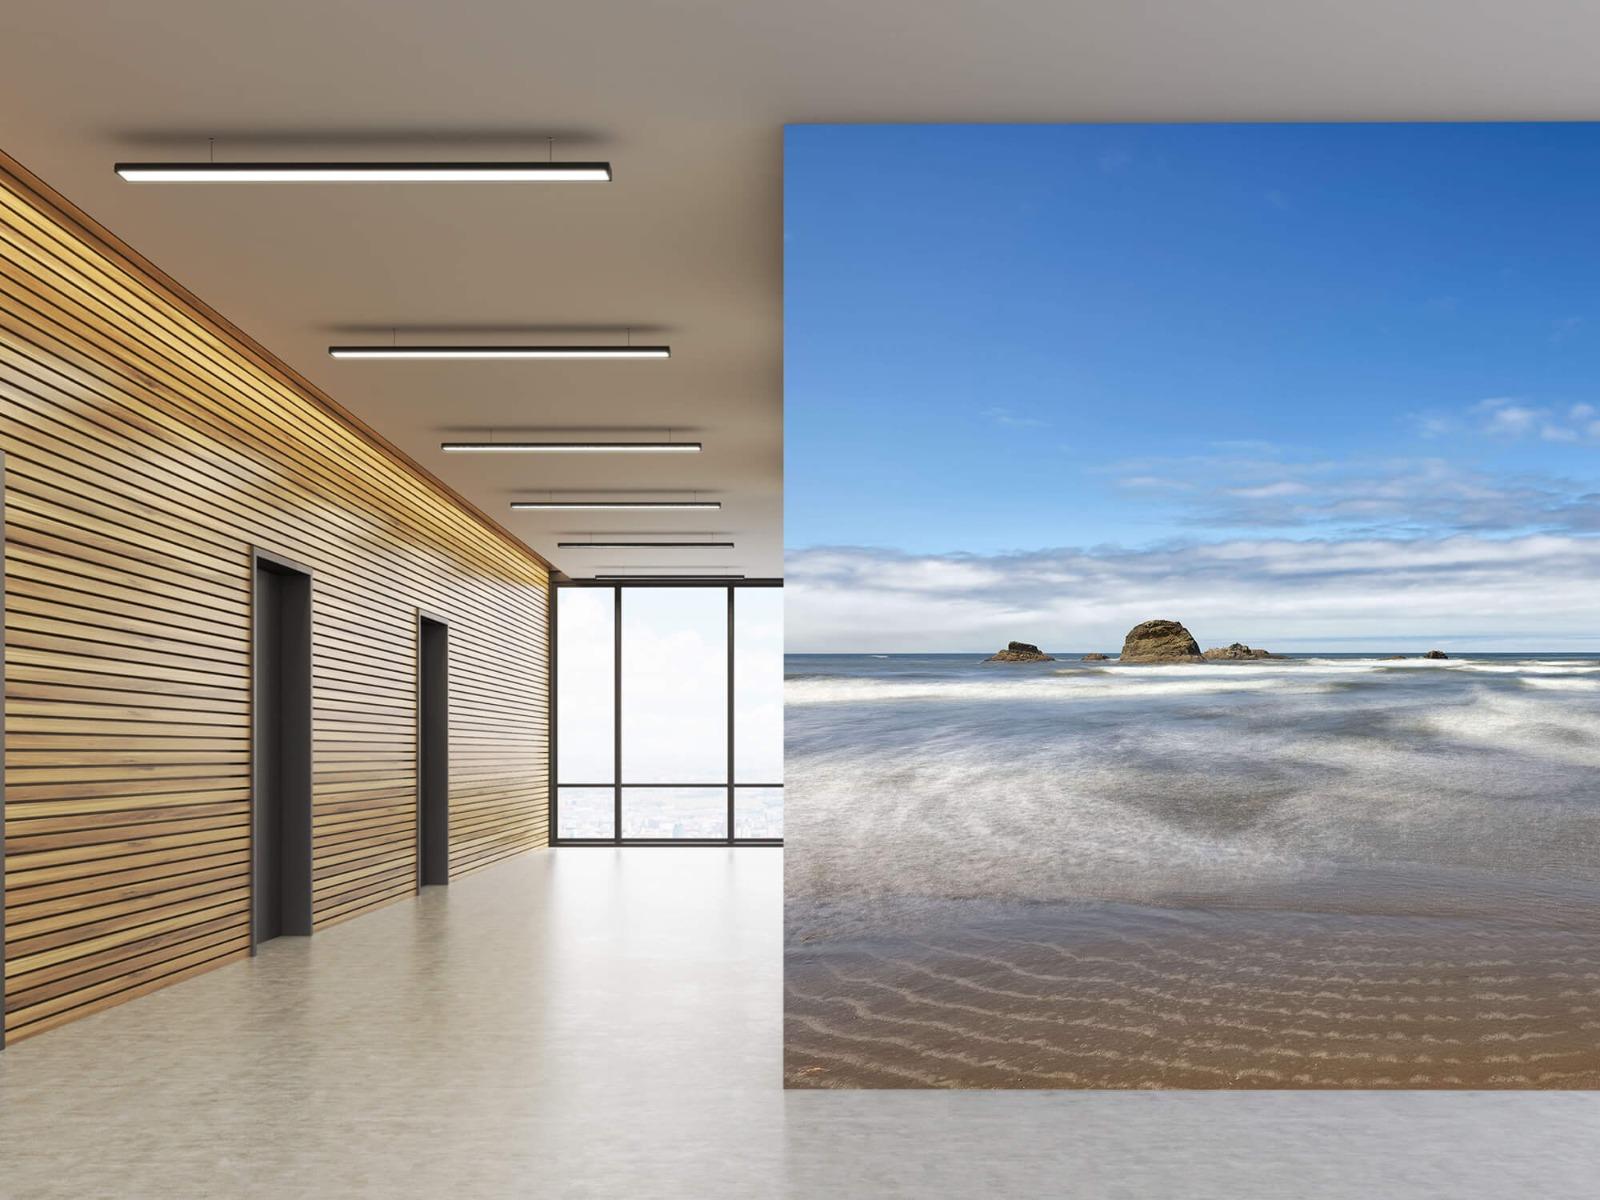 Zeeën en Oceanen - Strand met rotsen - Slaapkamer 9